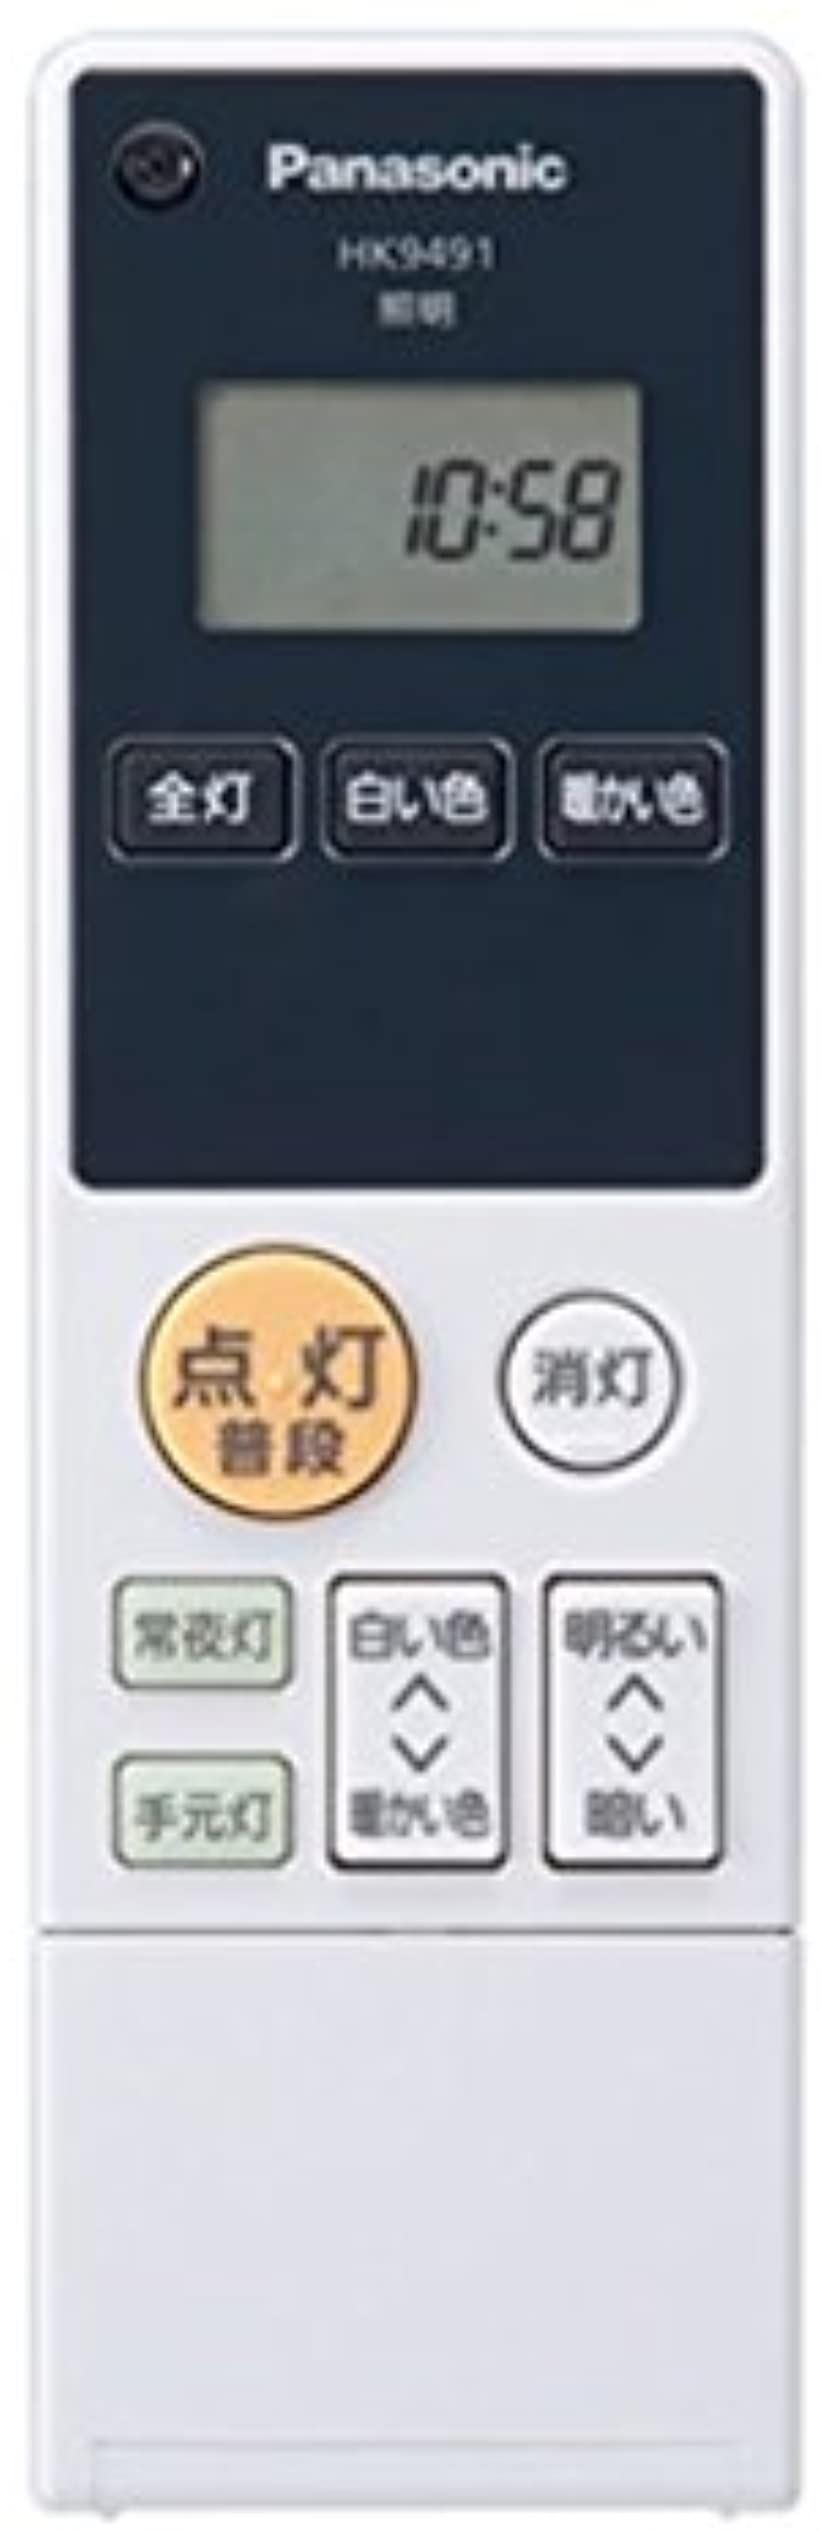 パナソニック Panasonic HK9491 割引も実施中 2020A/W新作送料無料 丸型LEDリモコン送信器HK9491